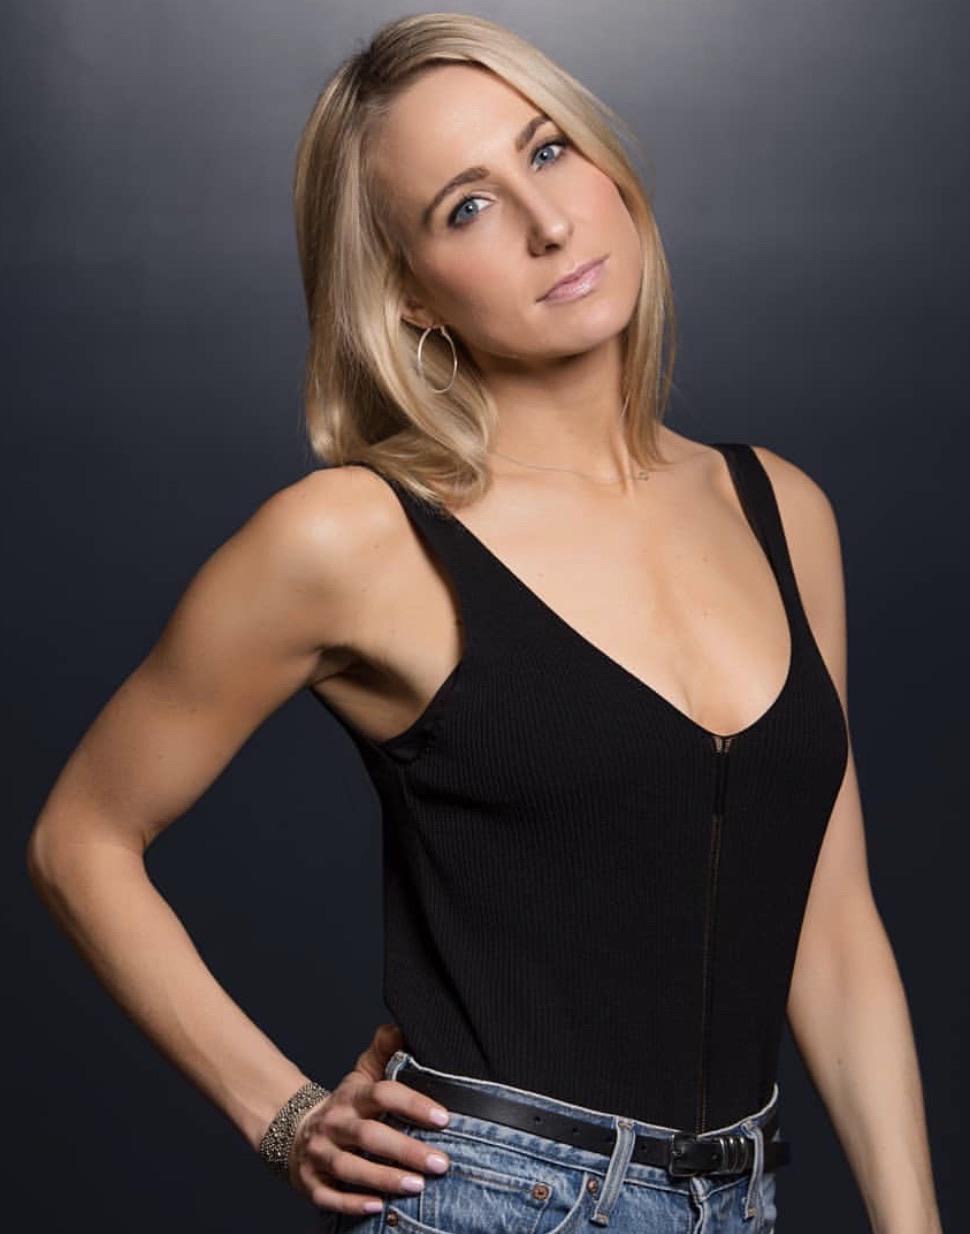 Poze Nikki Glaser - Actor - Poza 8 din 10 - CineMagia.ro